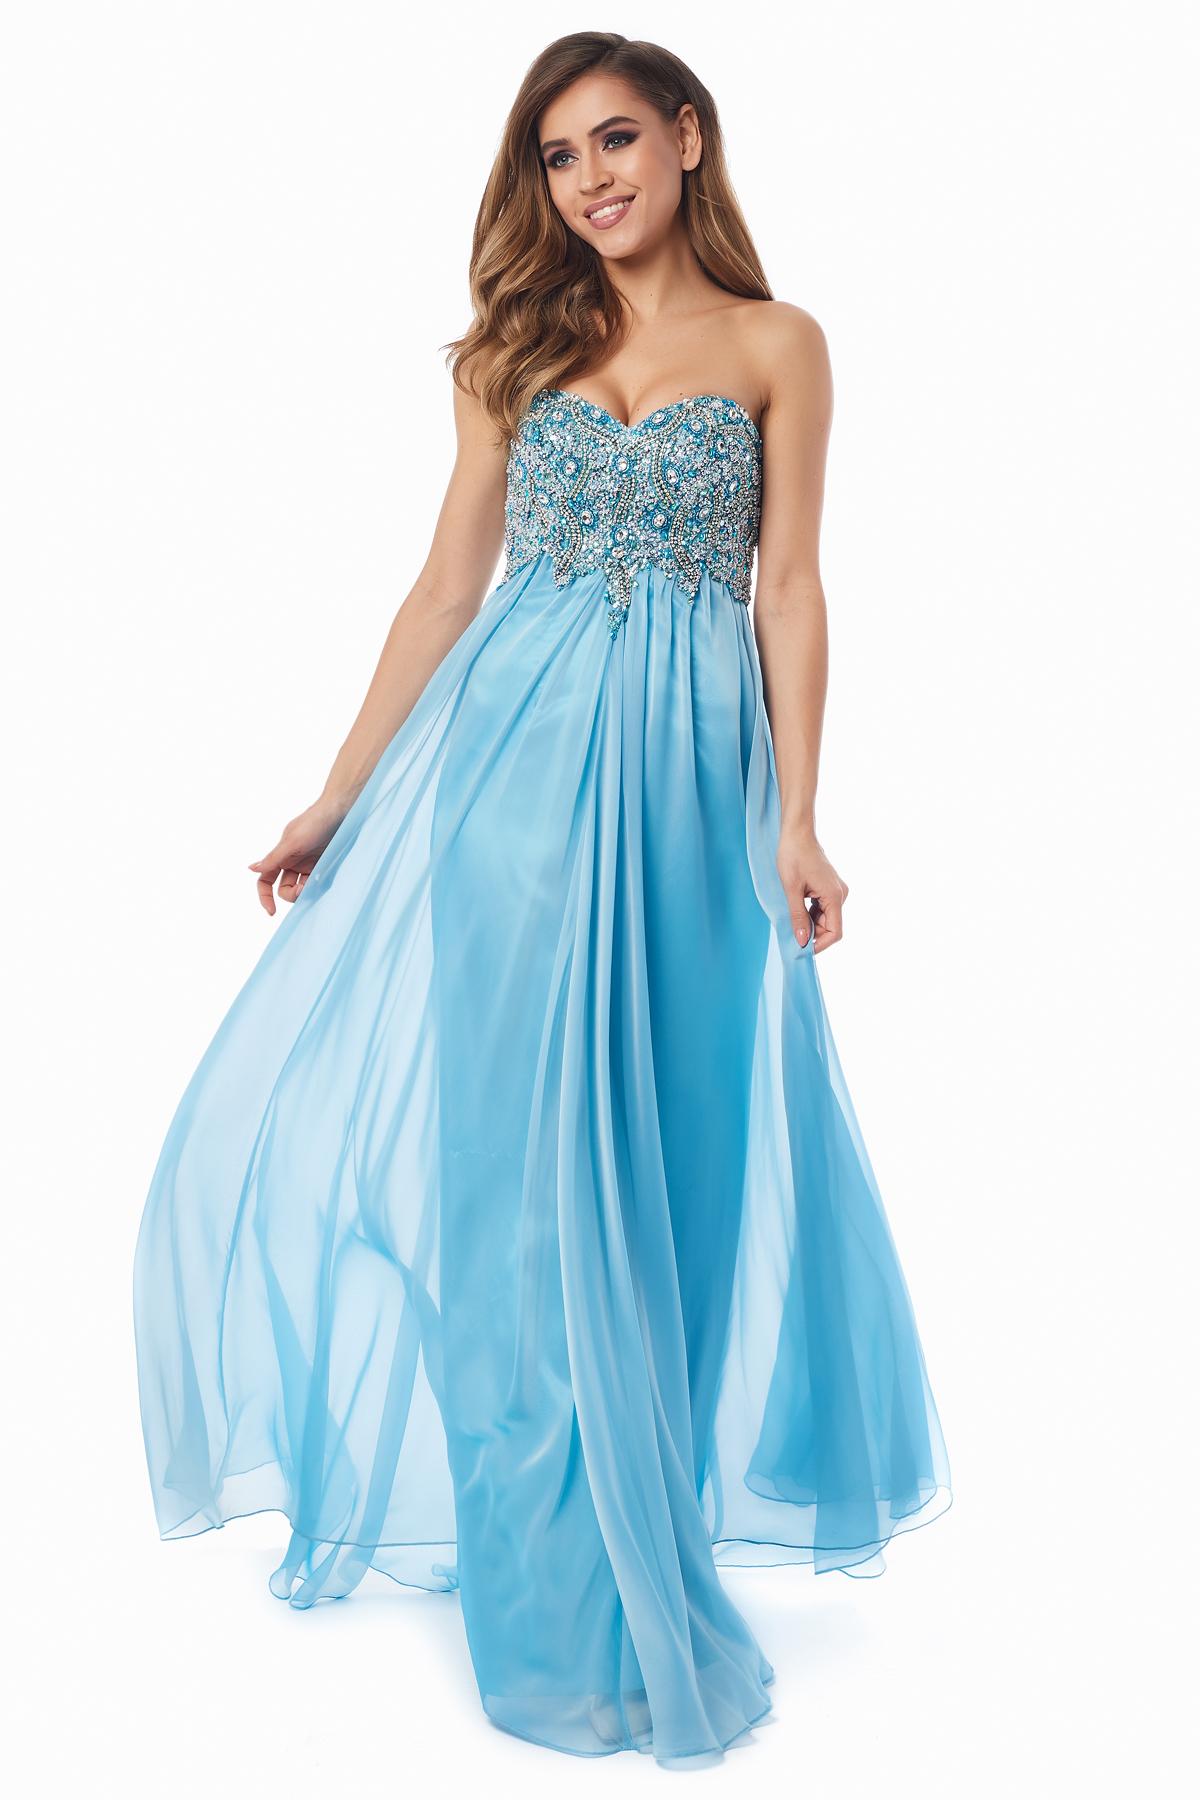 c9ead9aa04f Купить вечернее платье 12013b голубого цвета по цене 17500 руб. в ...